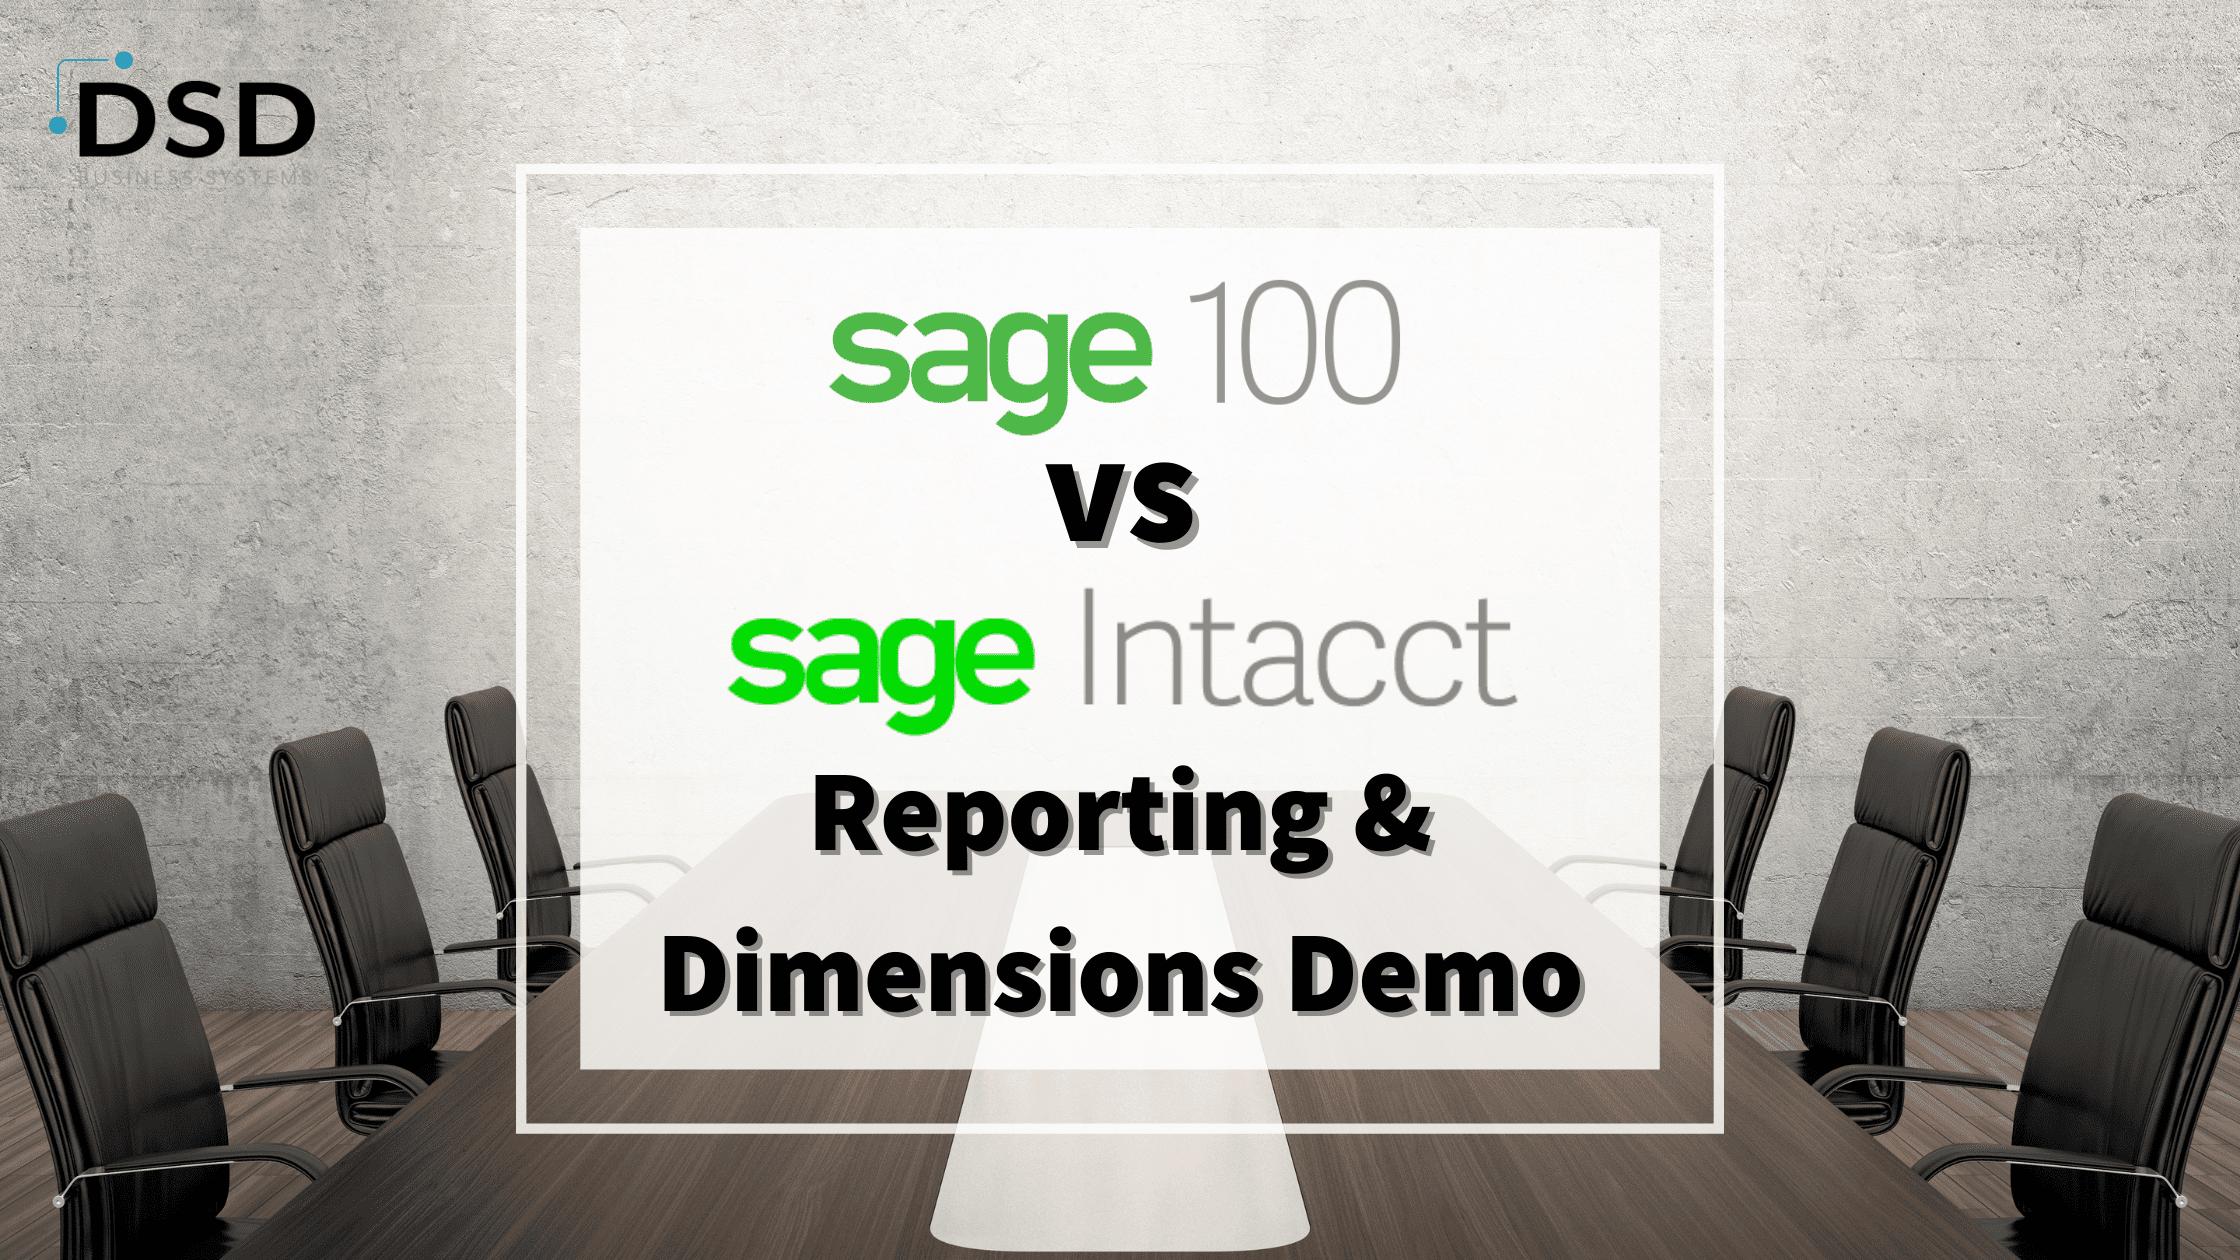 Sage 100 vs Sage Intacct Demo